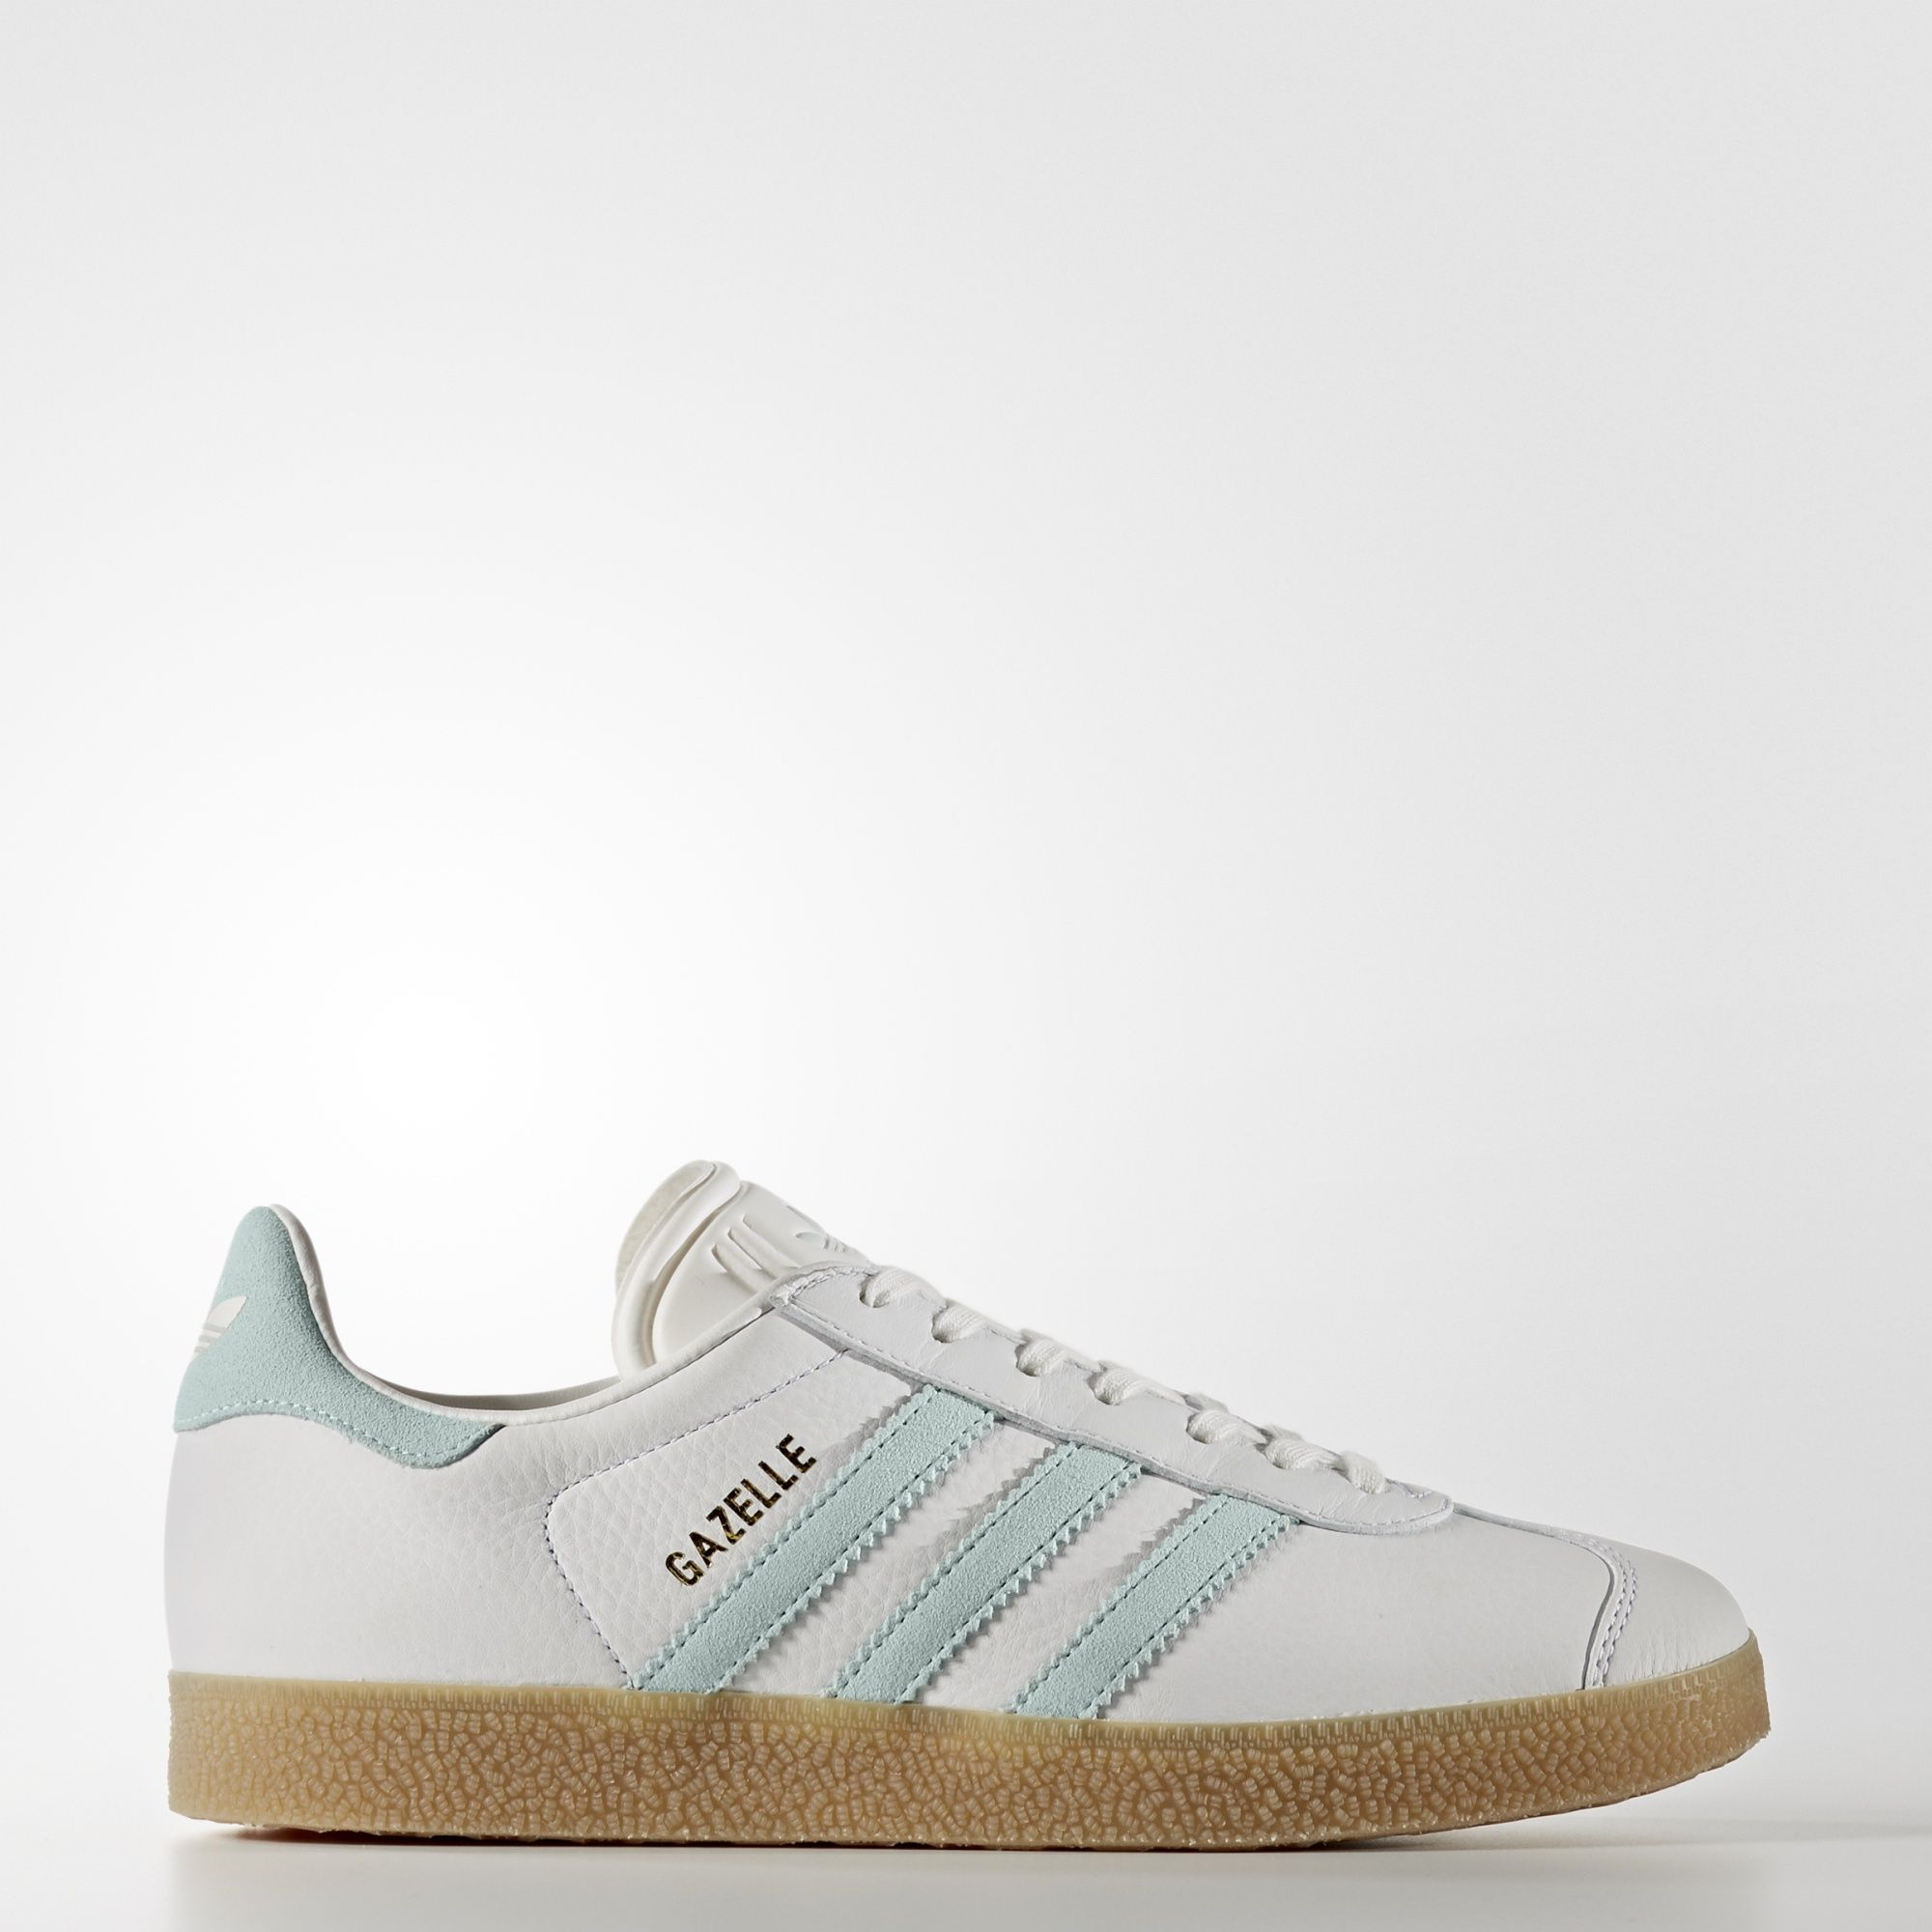 Adidas Gazelle vintage white/ vapour green Taille 40 | Adidas ...